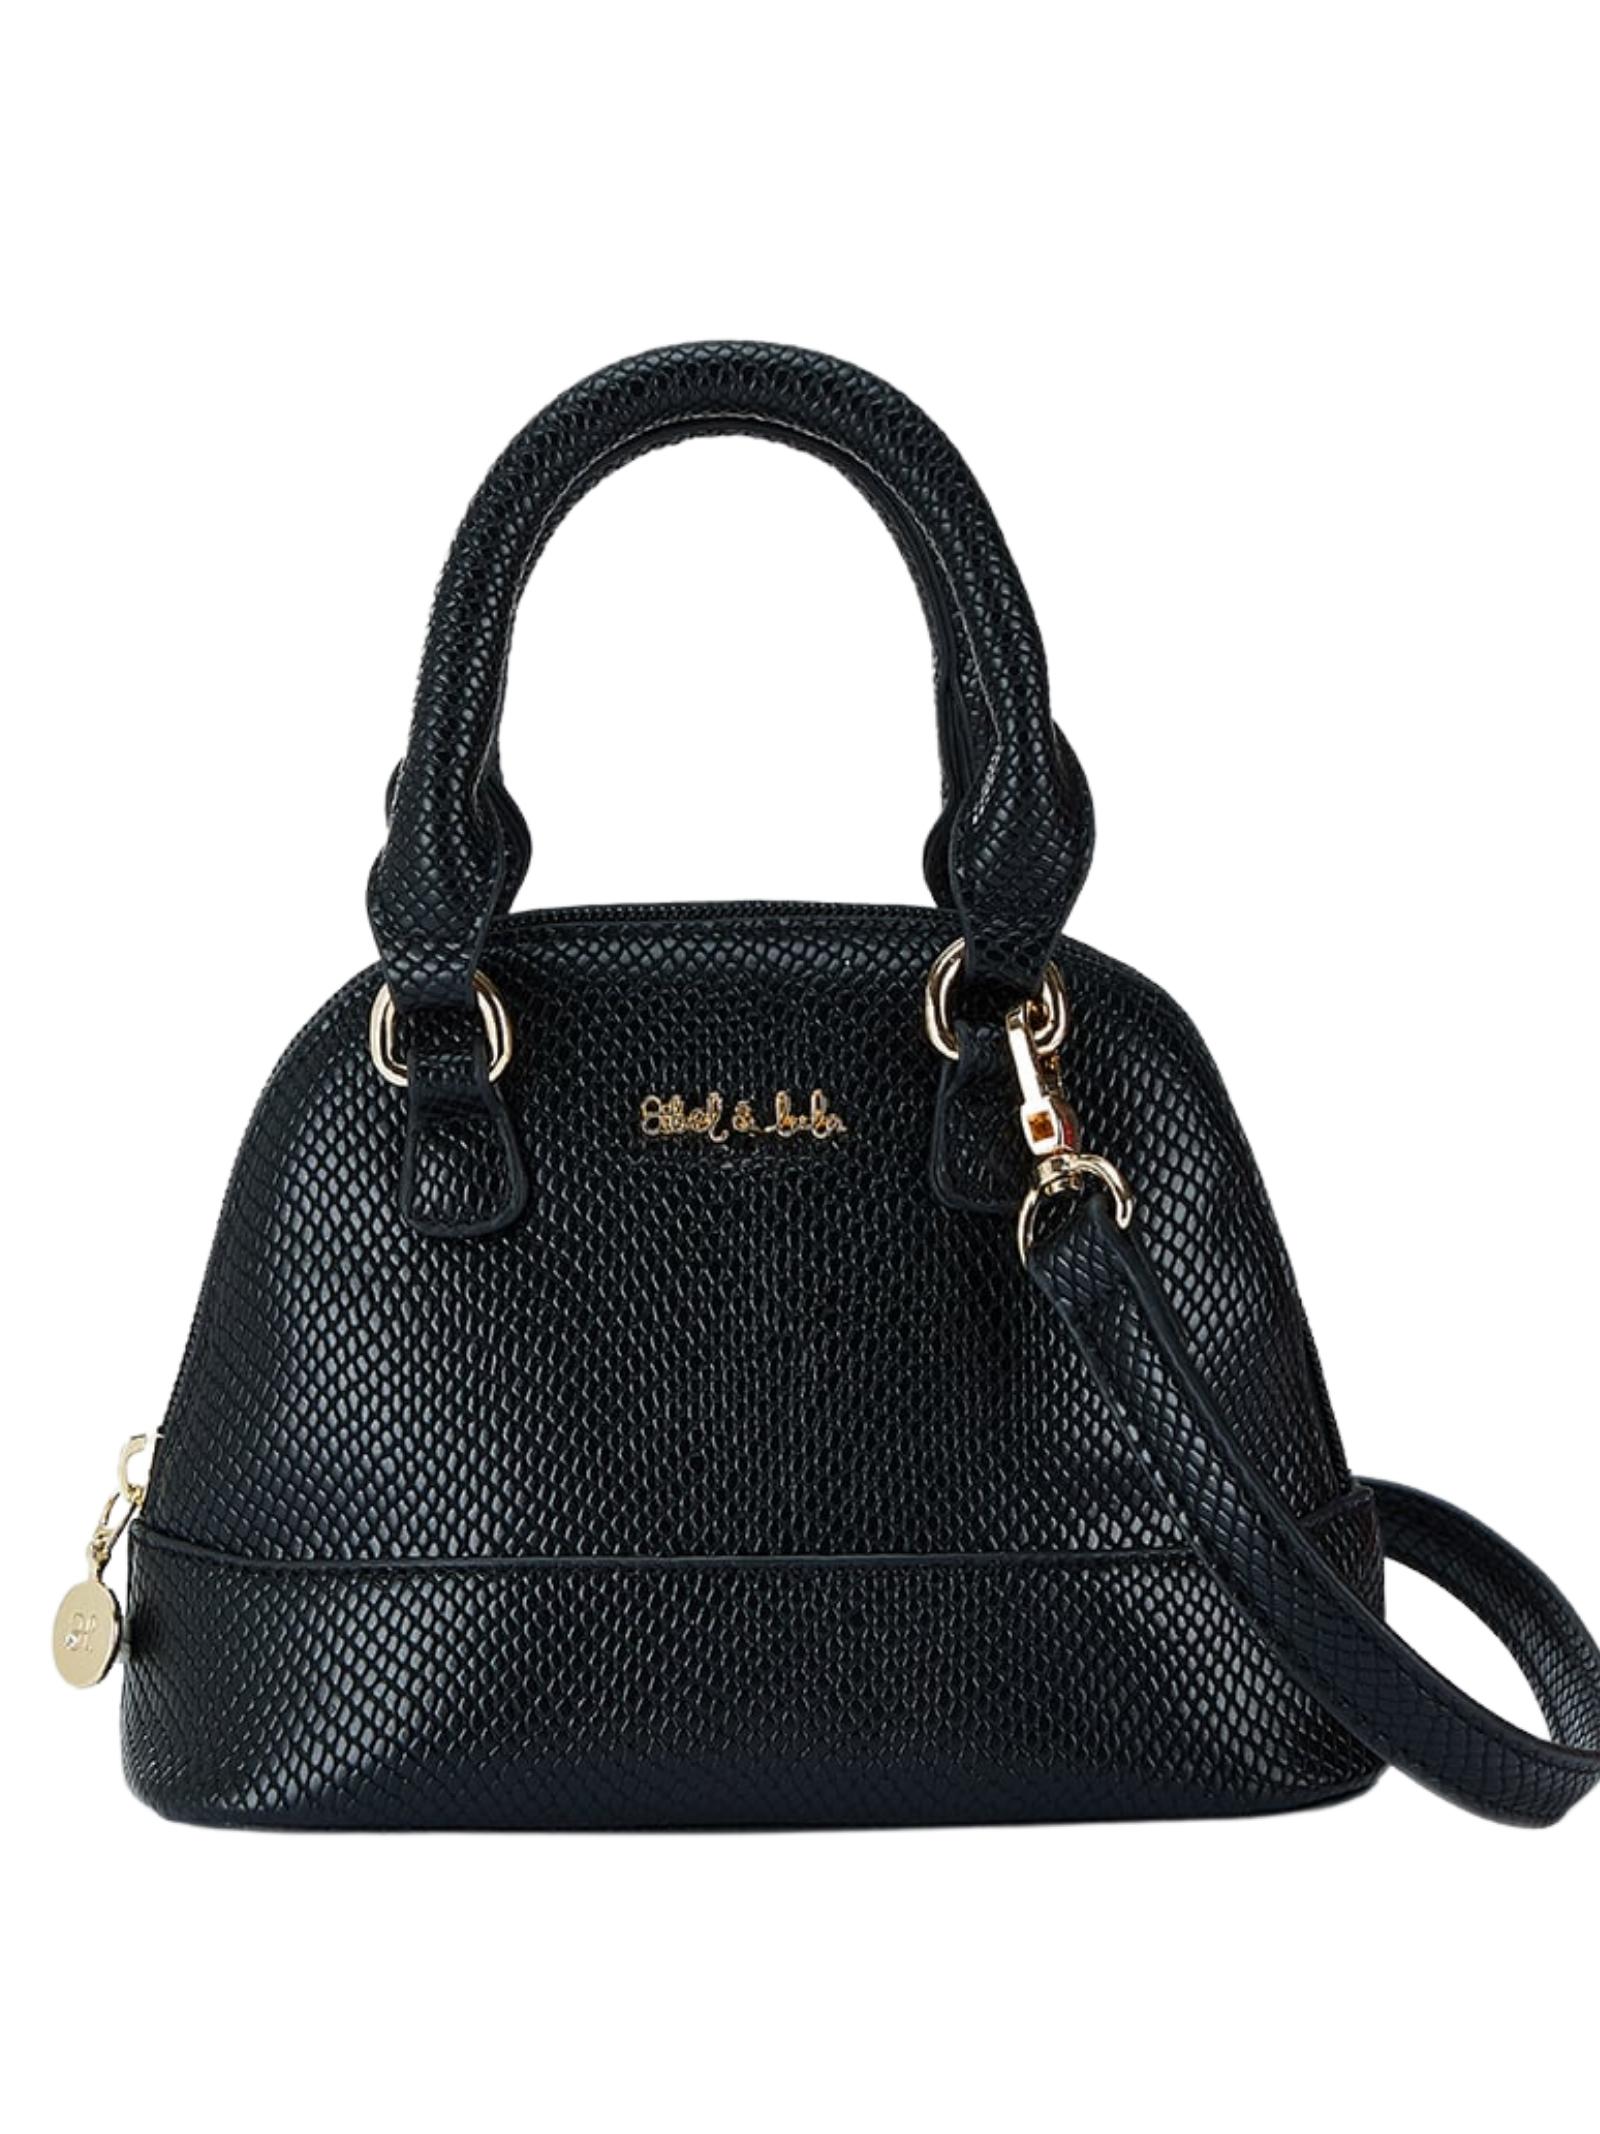 Baby Girl Bag ABEL&LULA | bags | 5915057